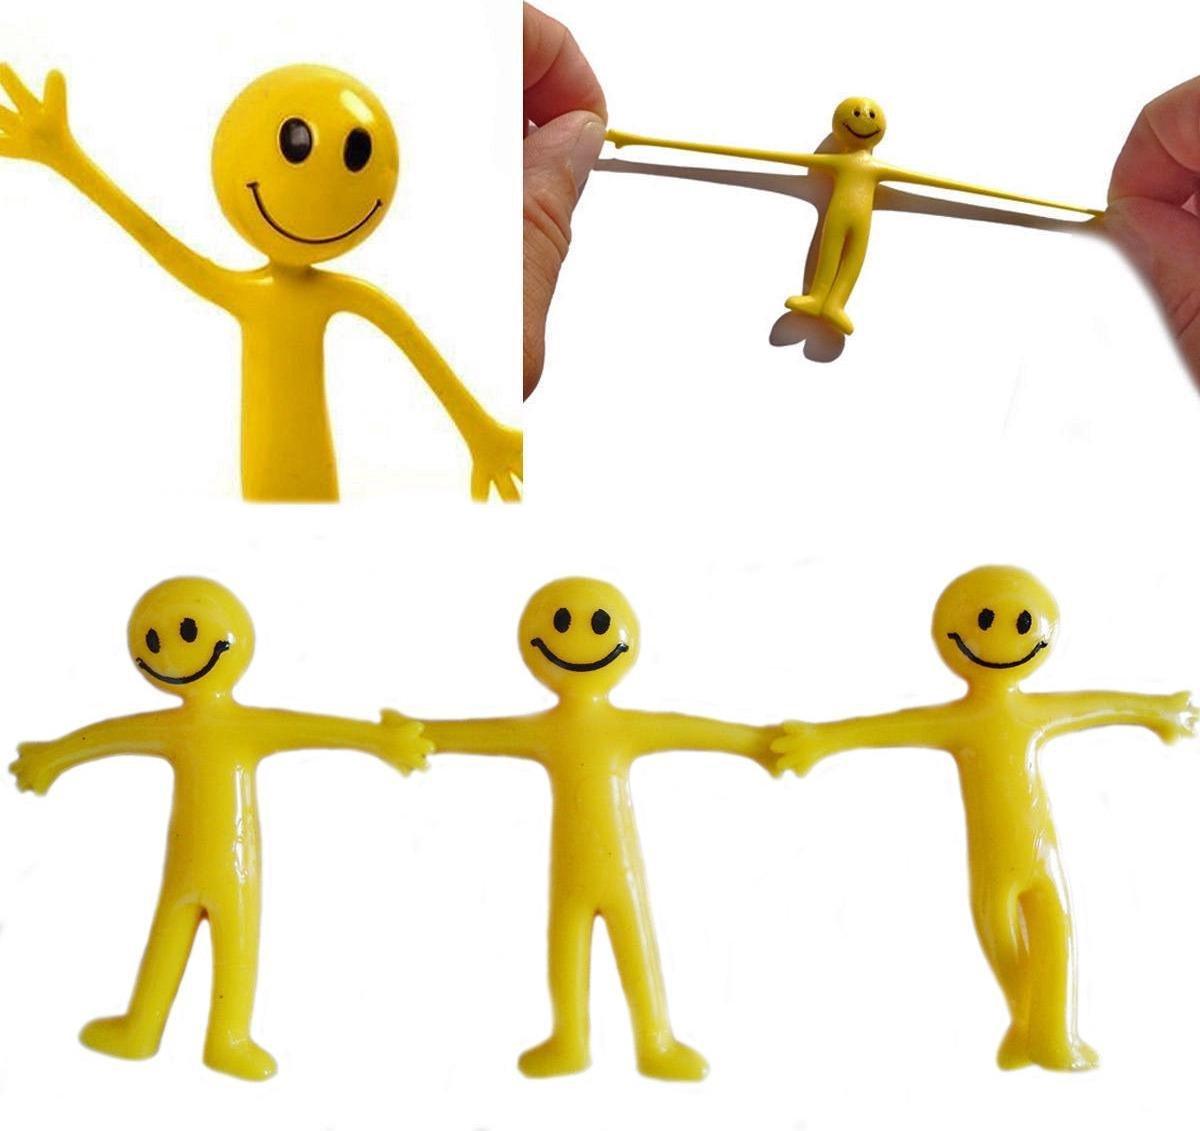 10 stuks uitrekbaar verschillende smiley poppetje (5cm), speelgoed kinderen